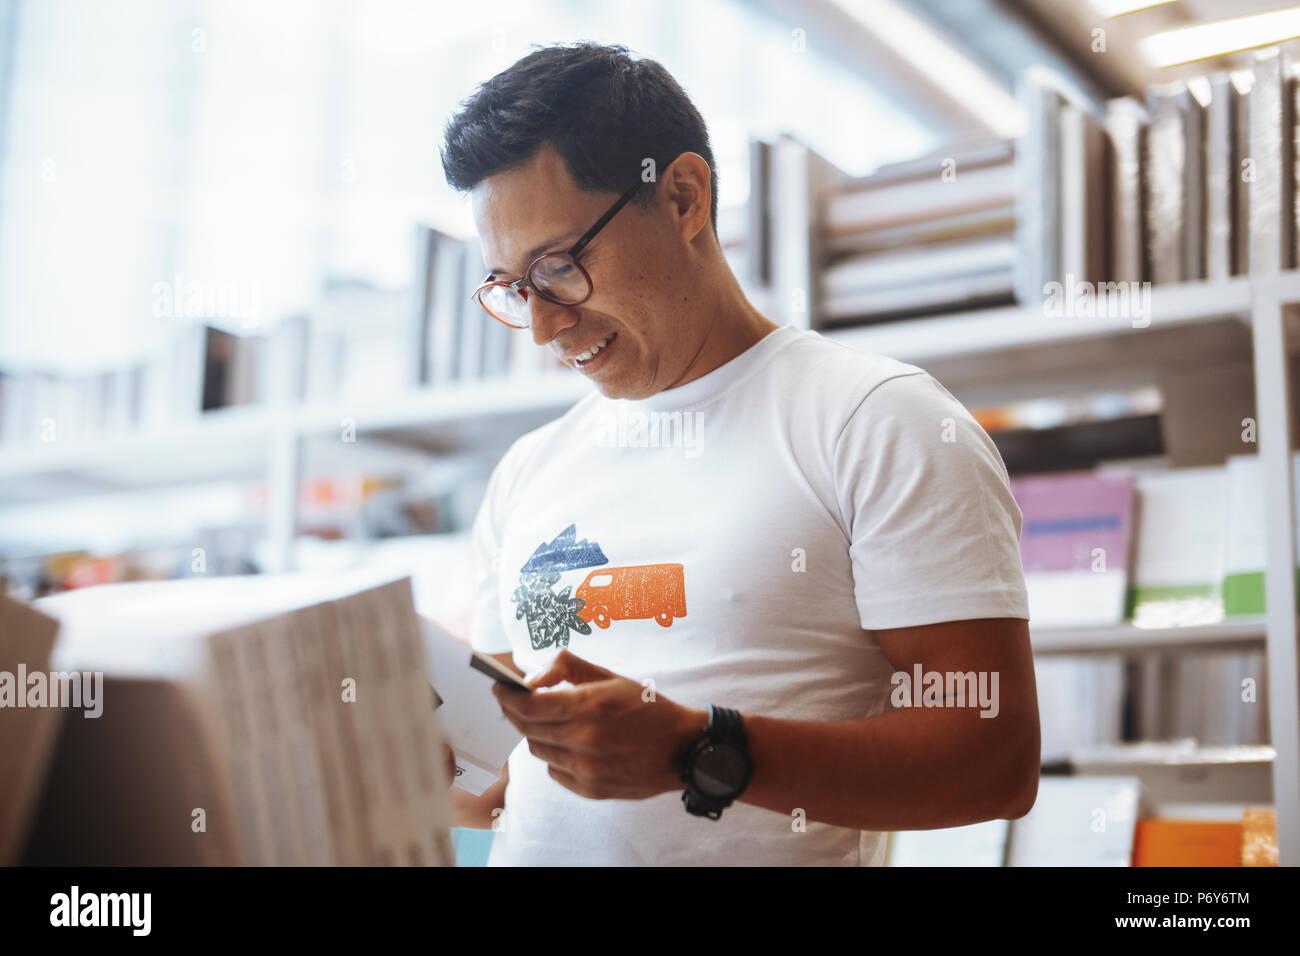 Oso Happy joven hombre leyendo libro en librería moderna y luminosa. Imagen De Stock